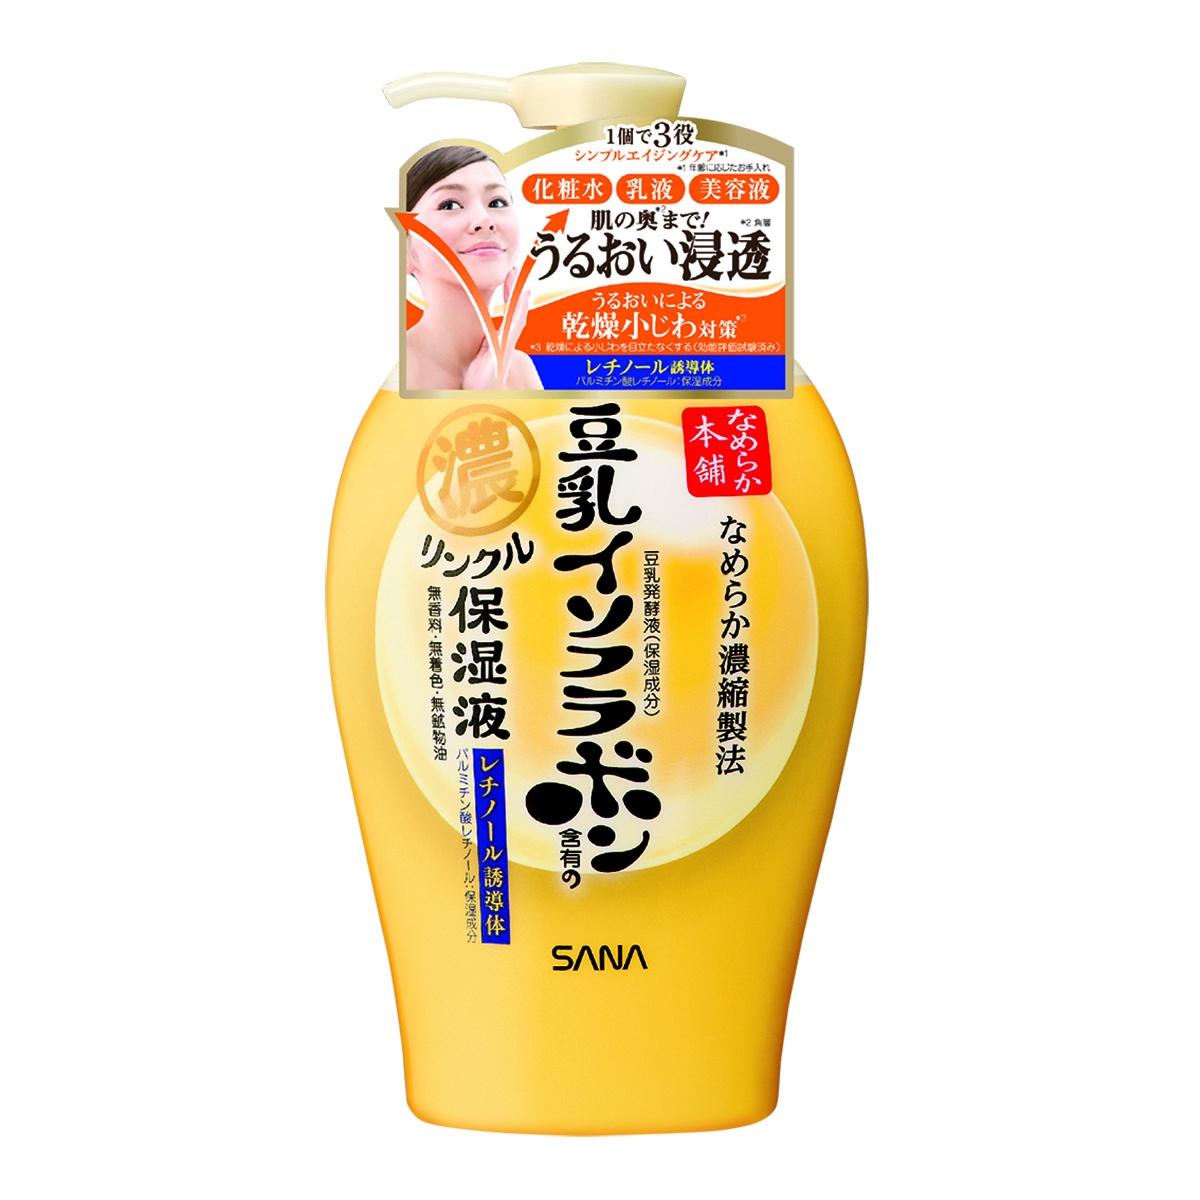 Молочко косметическое SANA / Молочко увлажняющее и подтягивающее с ретинолом и изофлавонами сои, 230 мл, арт.  413346 Sana